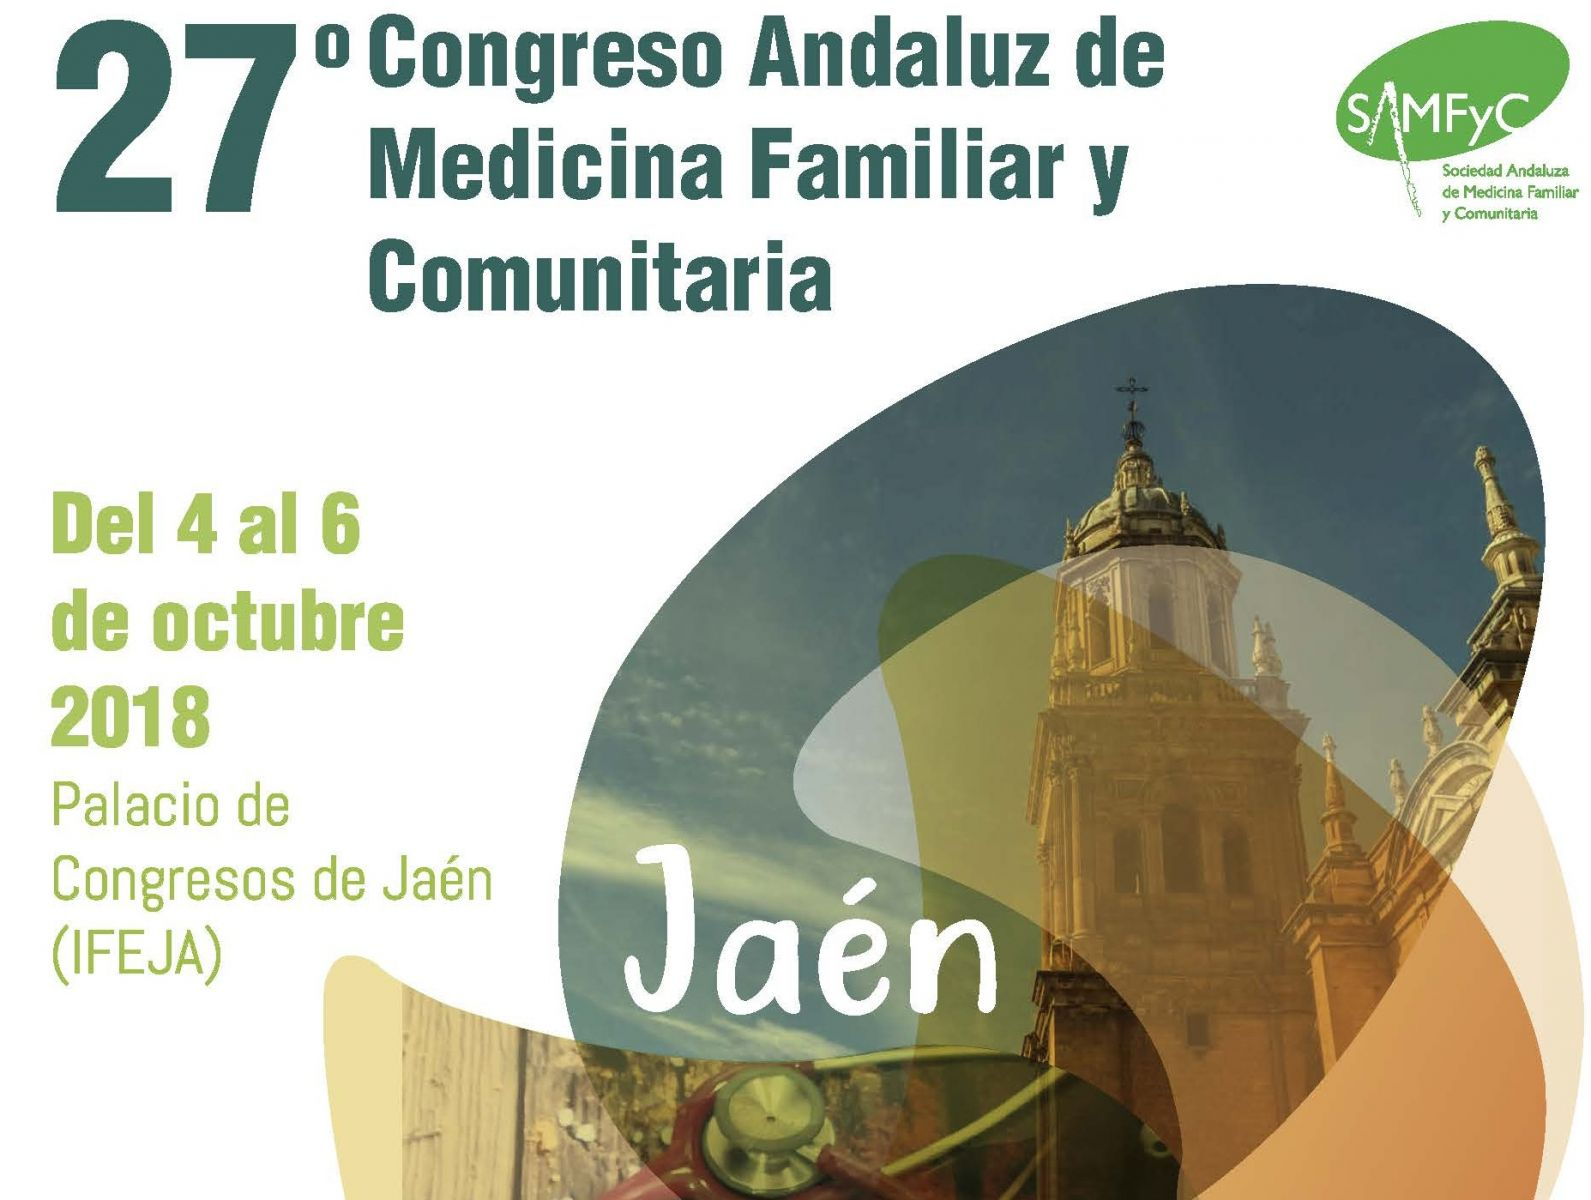 27º Congreso Andaluz de Medicina Familiar y Comunitaria